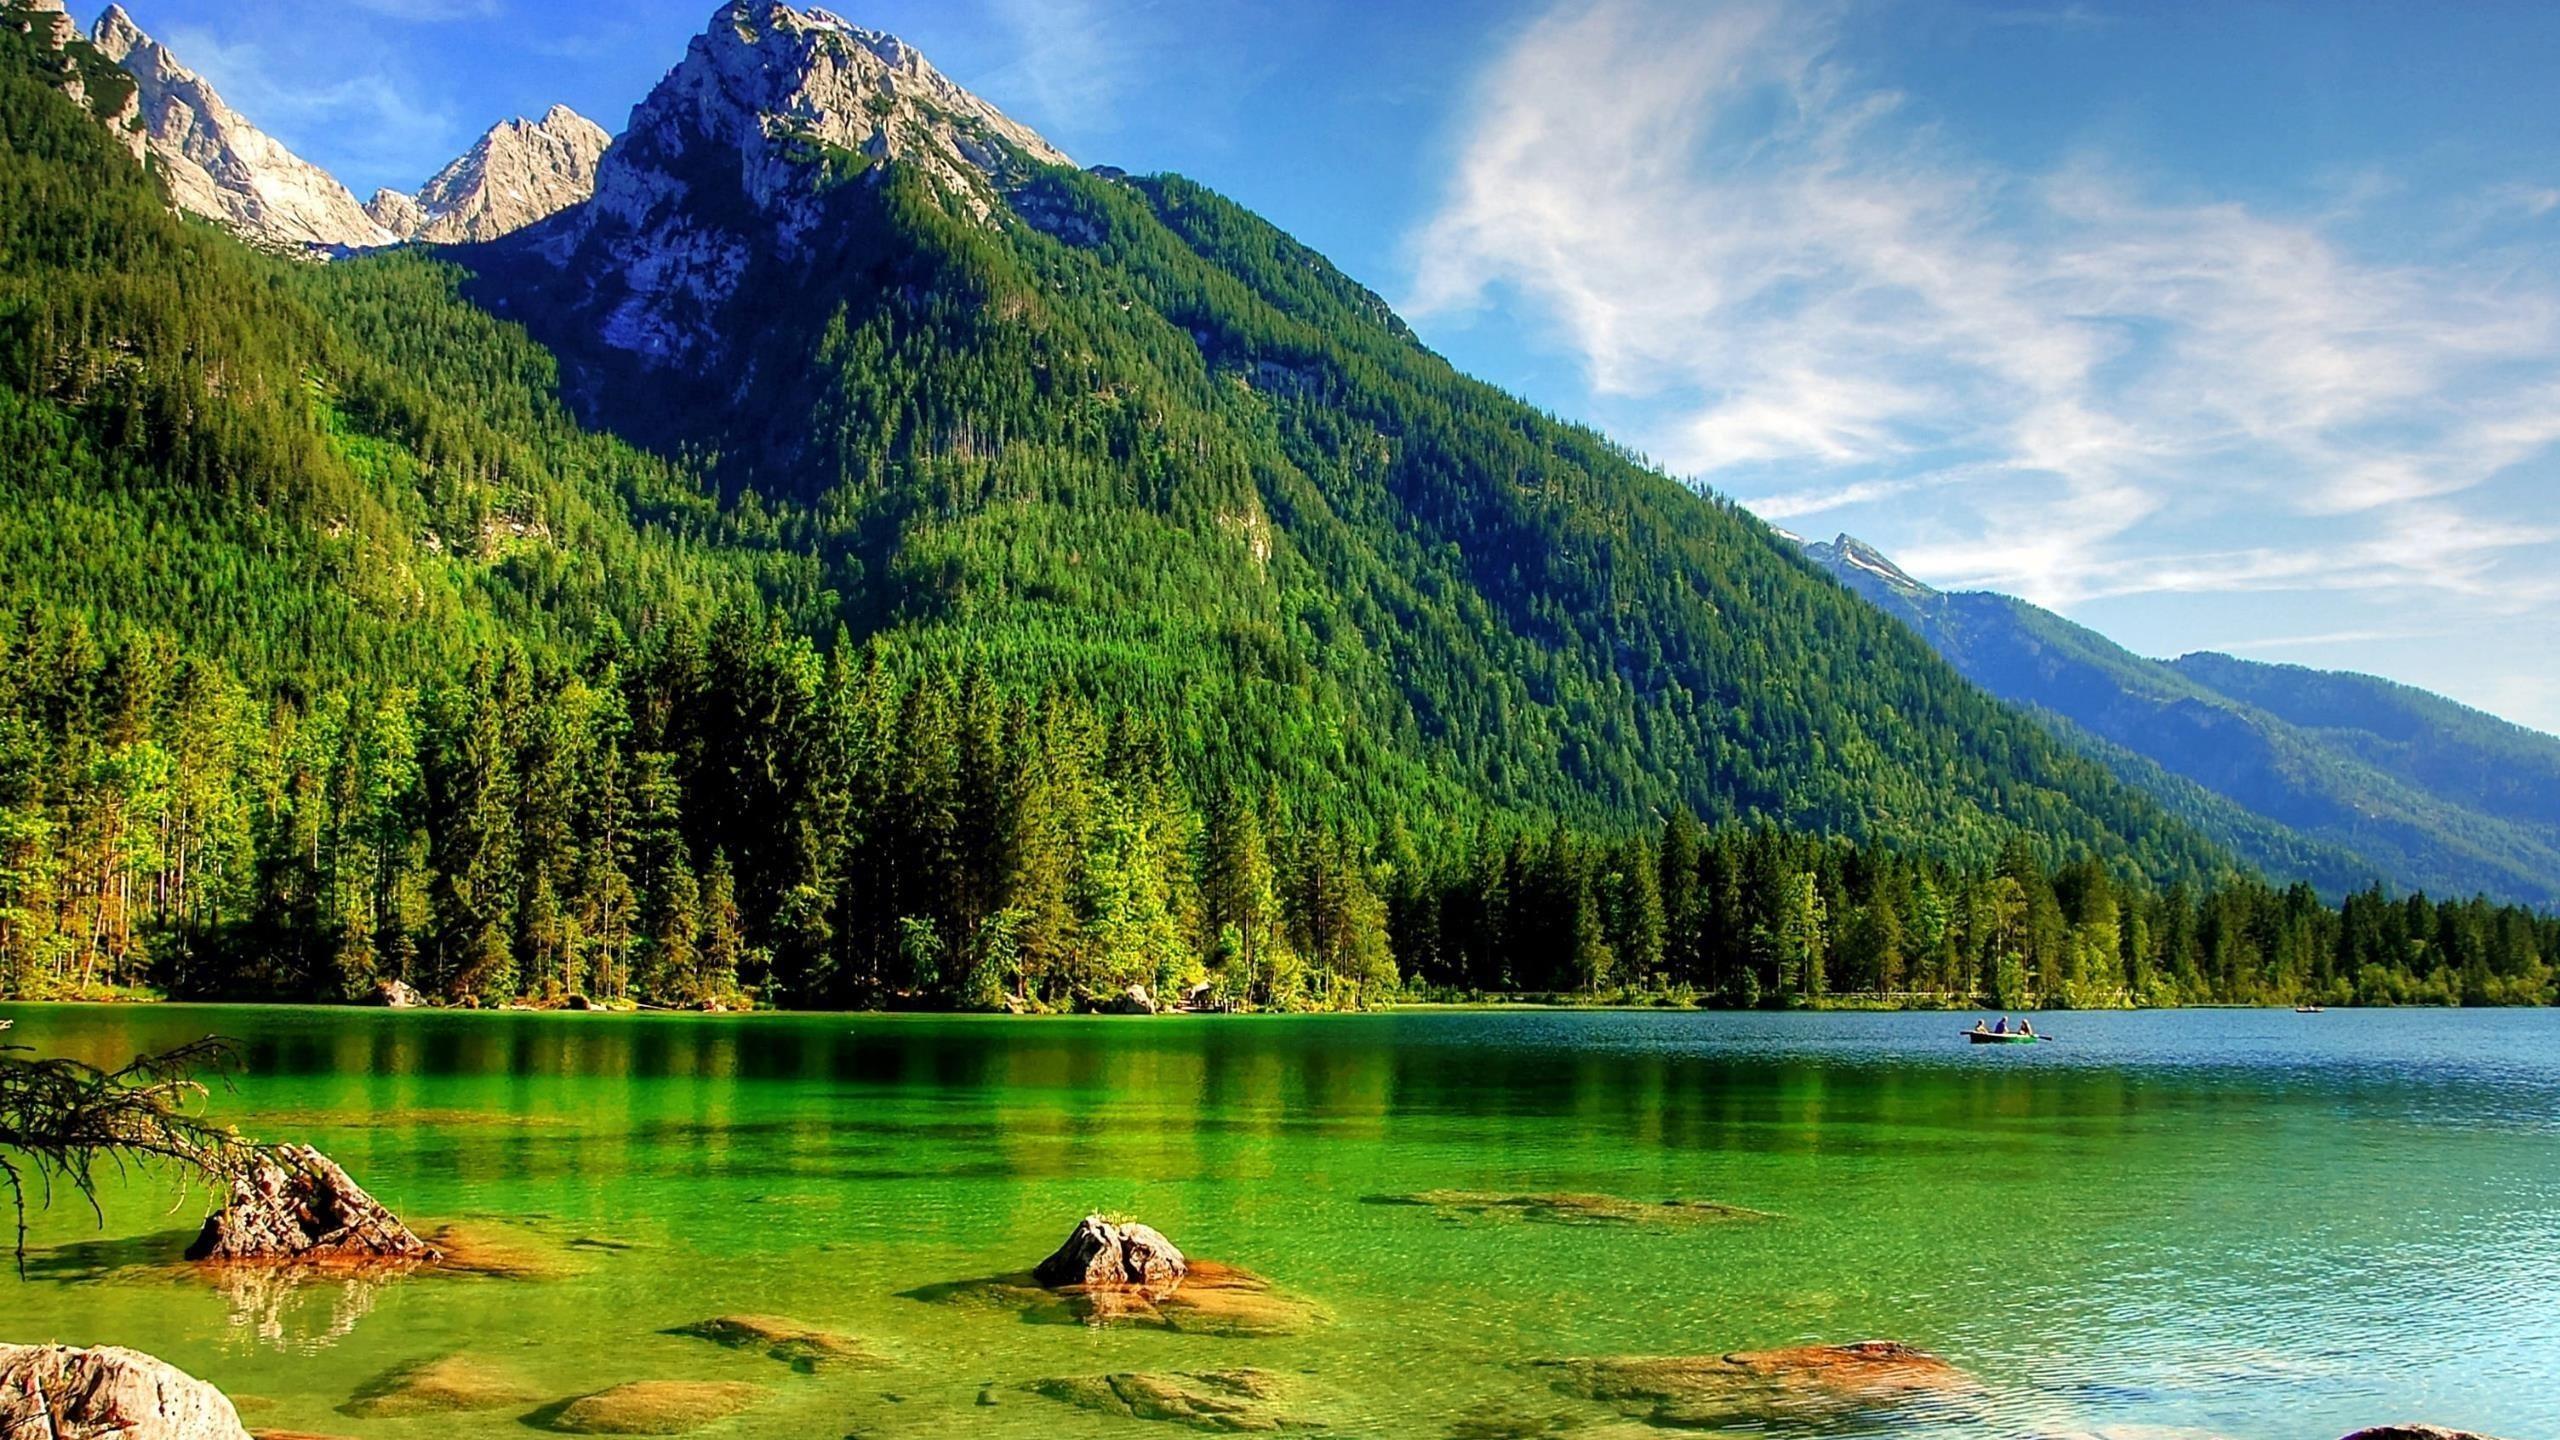 Прекрасный пейзаж с видом на зеленые деревья, покрытые горами под бело-голубыми облаками, камни на океанской природе обои скачать